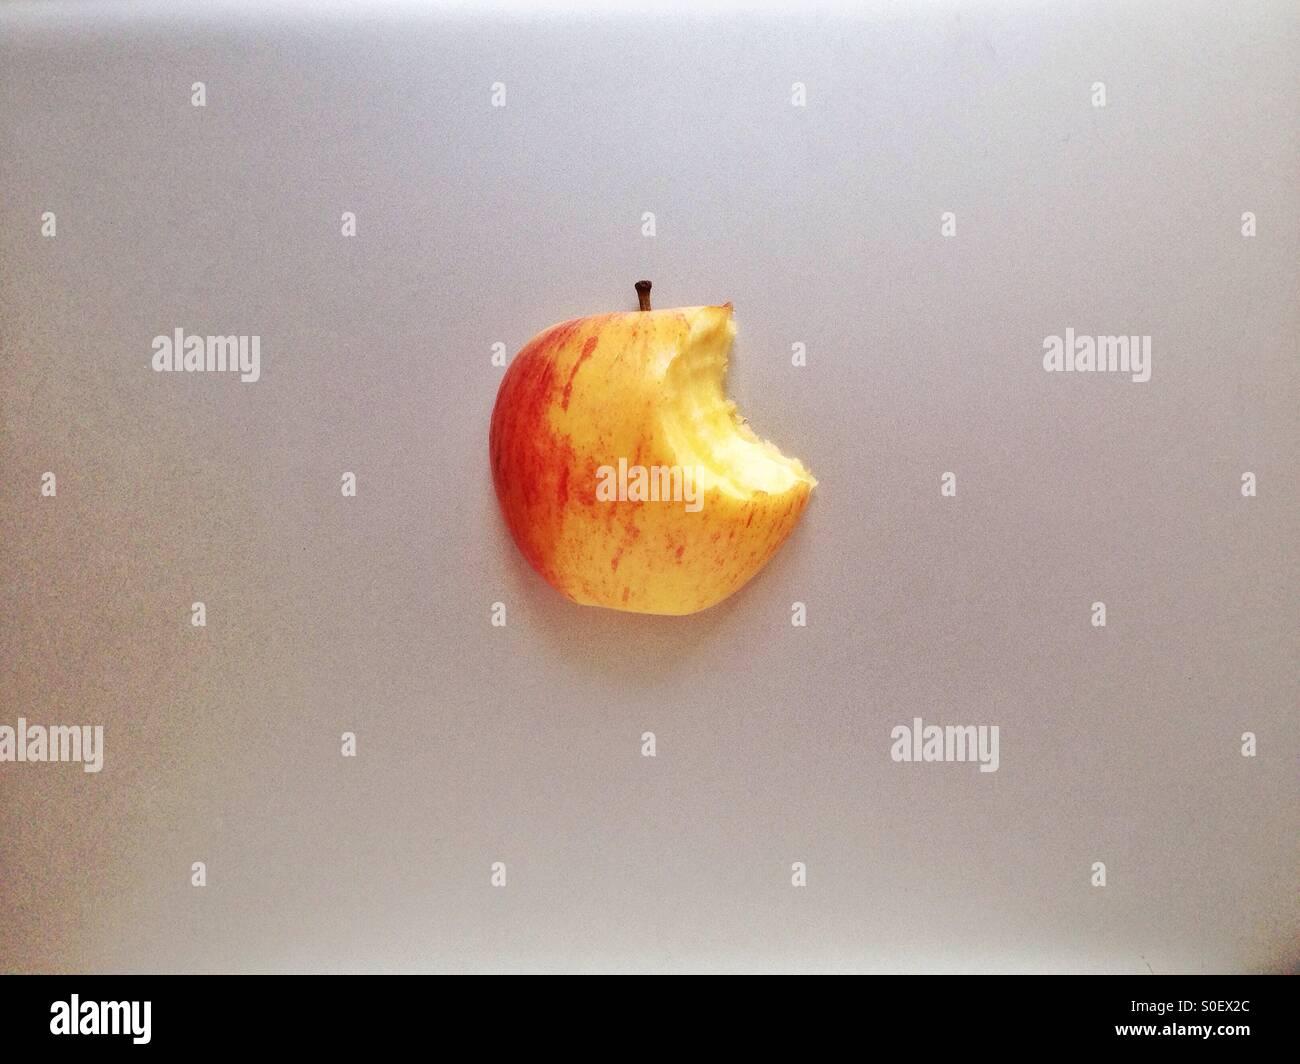 Equipo de aluminio con una superficie de manzana mordida Imagen De Stock